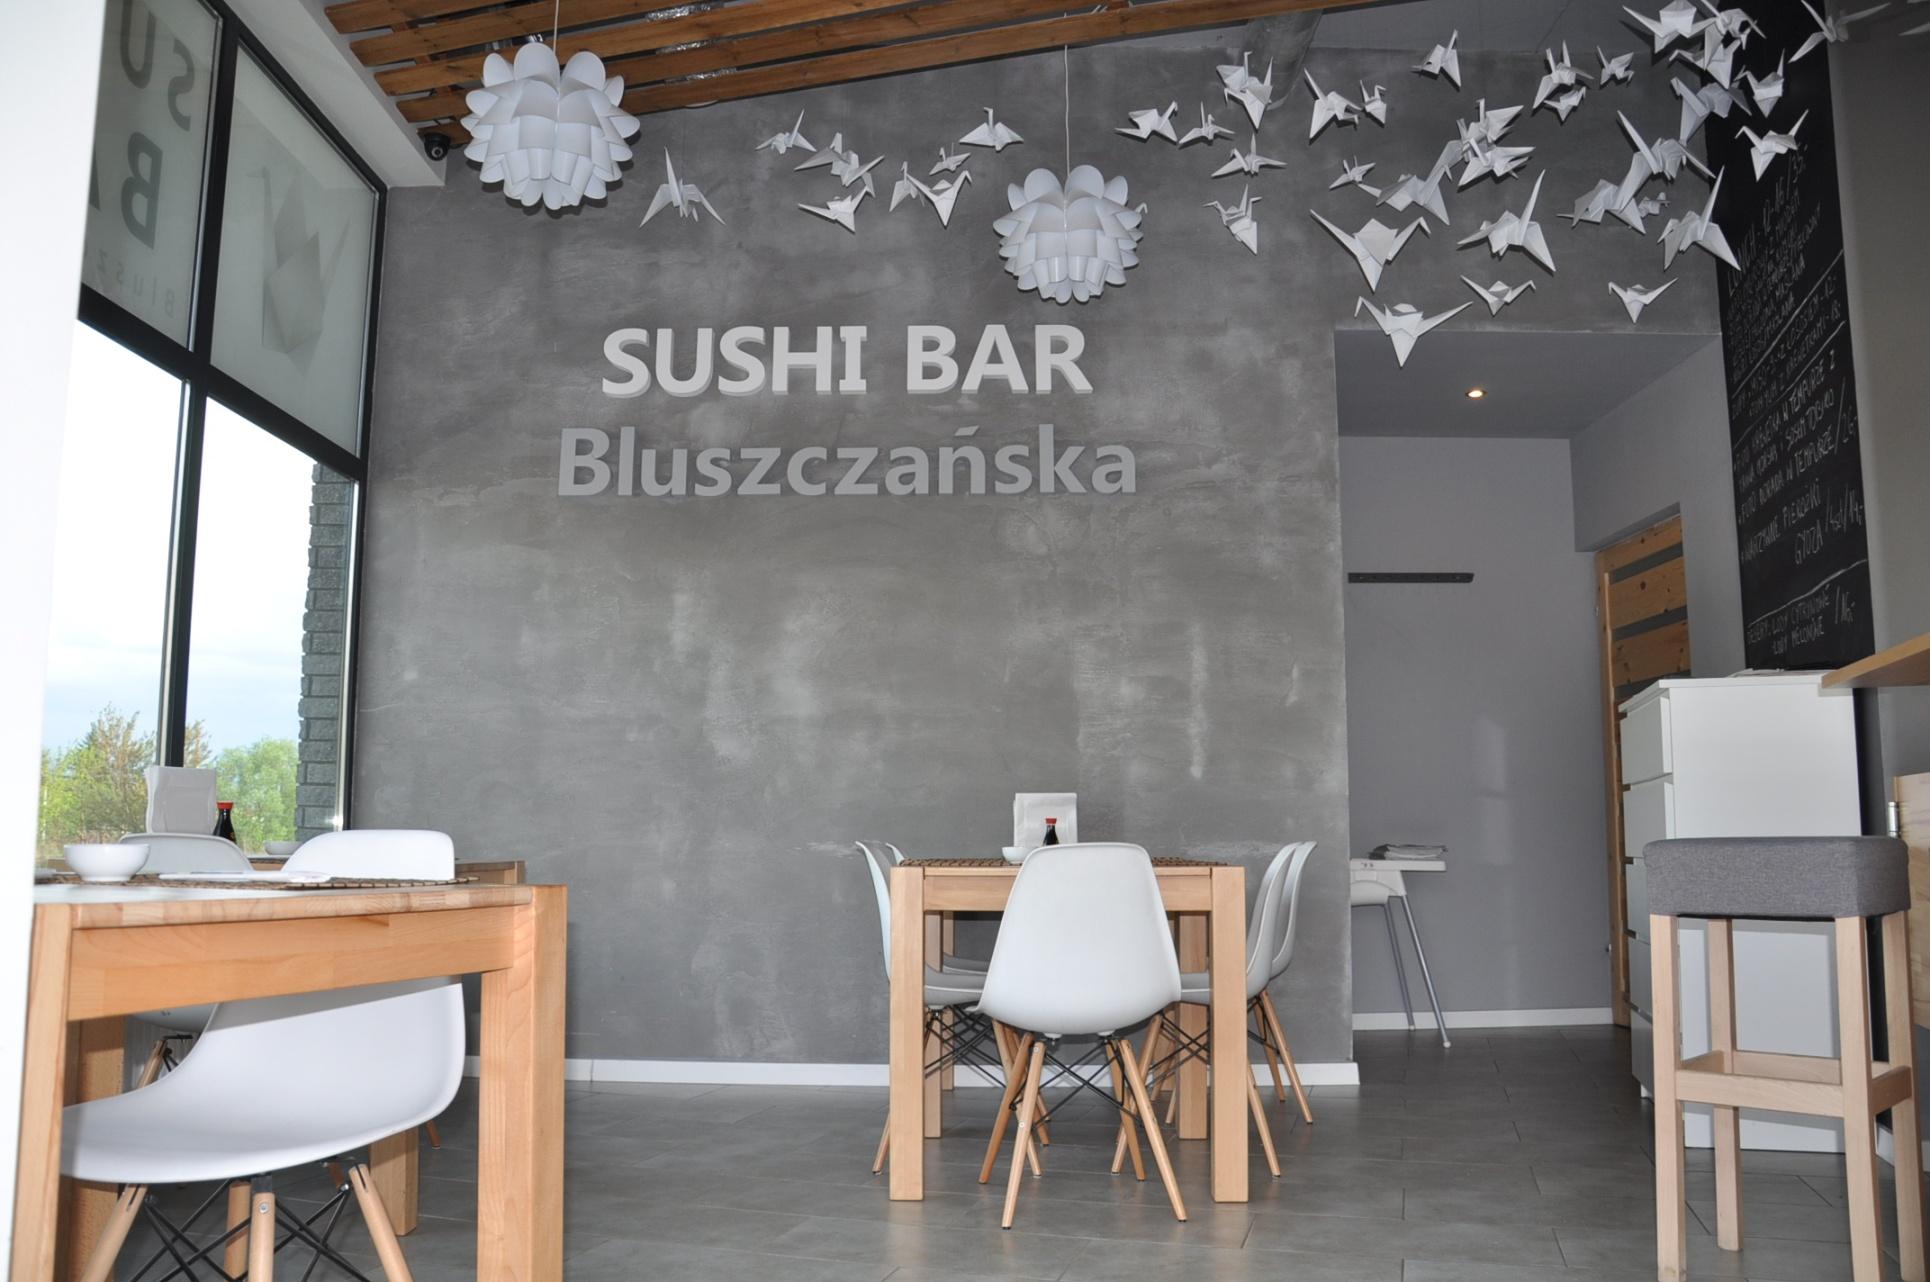 sushi-bar-bluszczanska